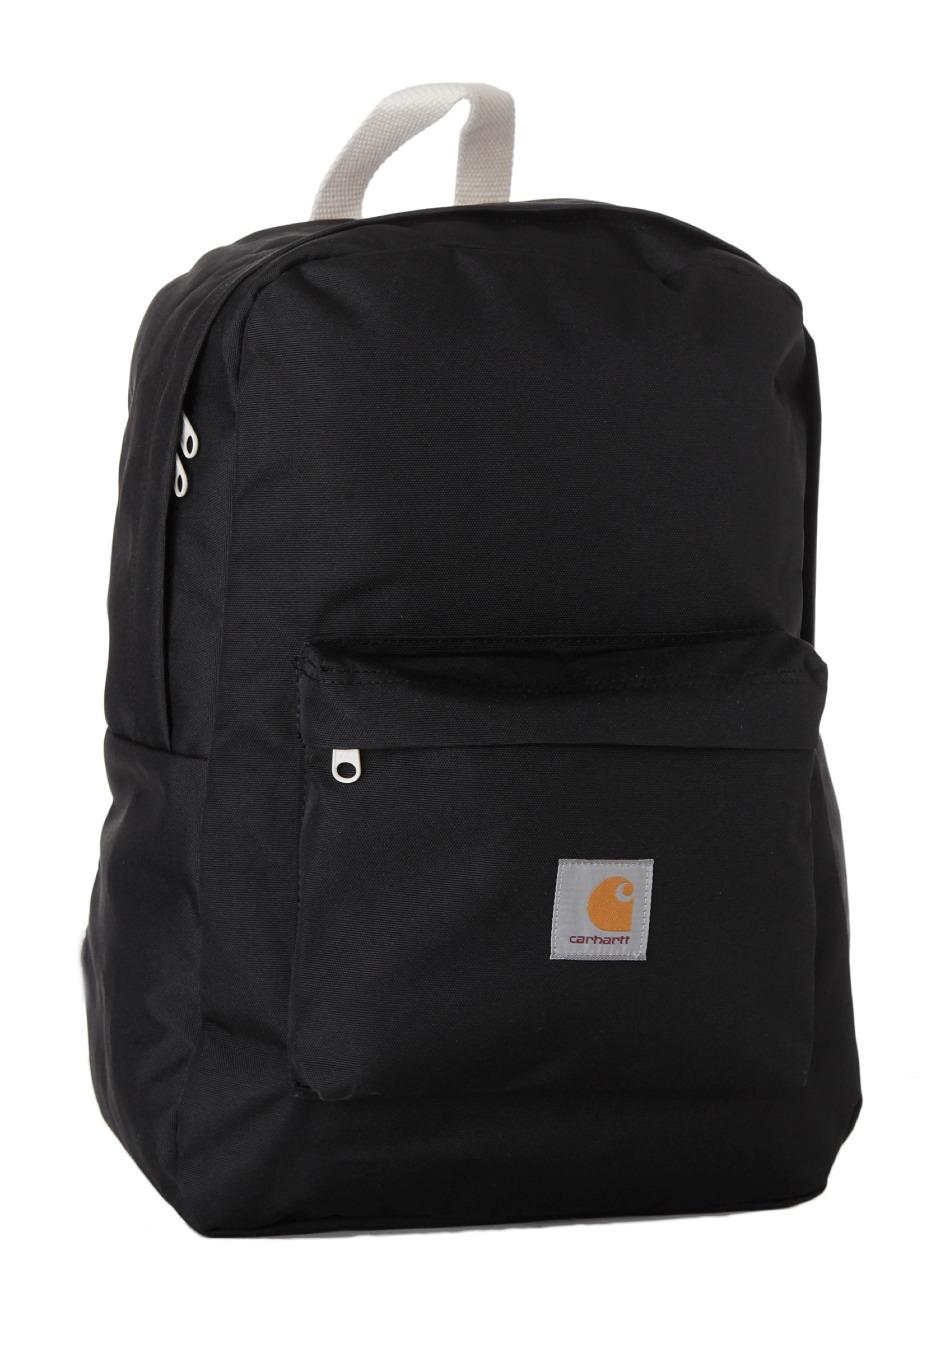 Carhartt WIP - Watch - Backpack - Streetwear Shop - Impericon.com Worldwide